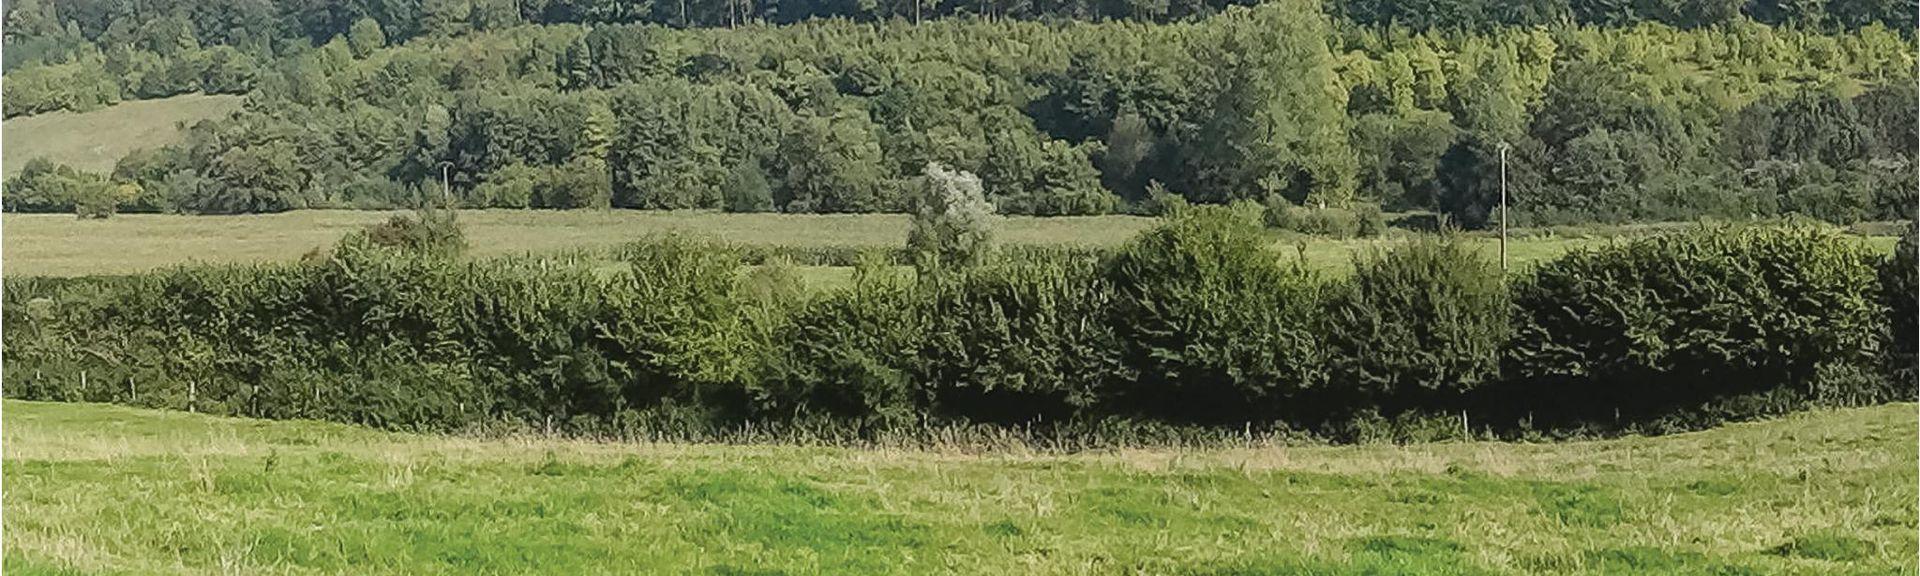 Broquiers, Oise (departement), Frankrijk